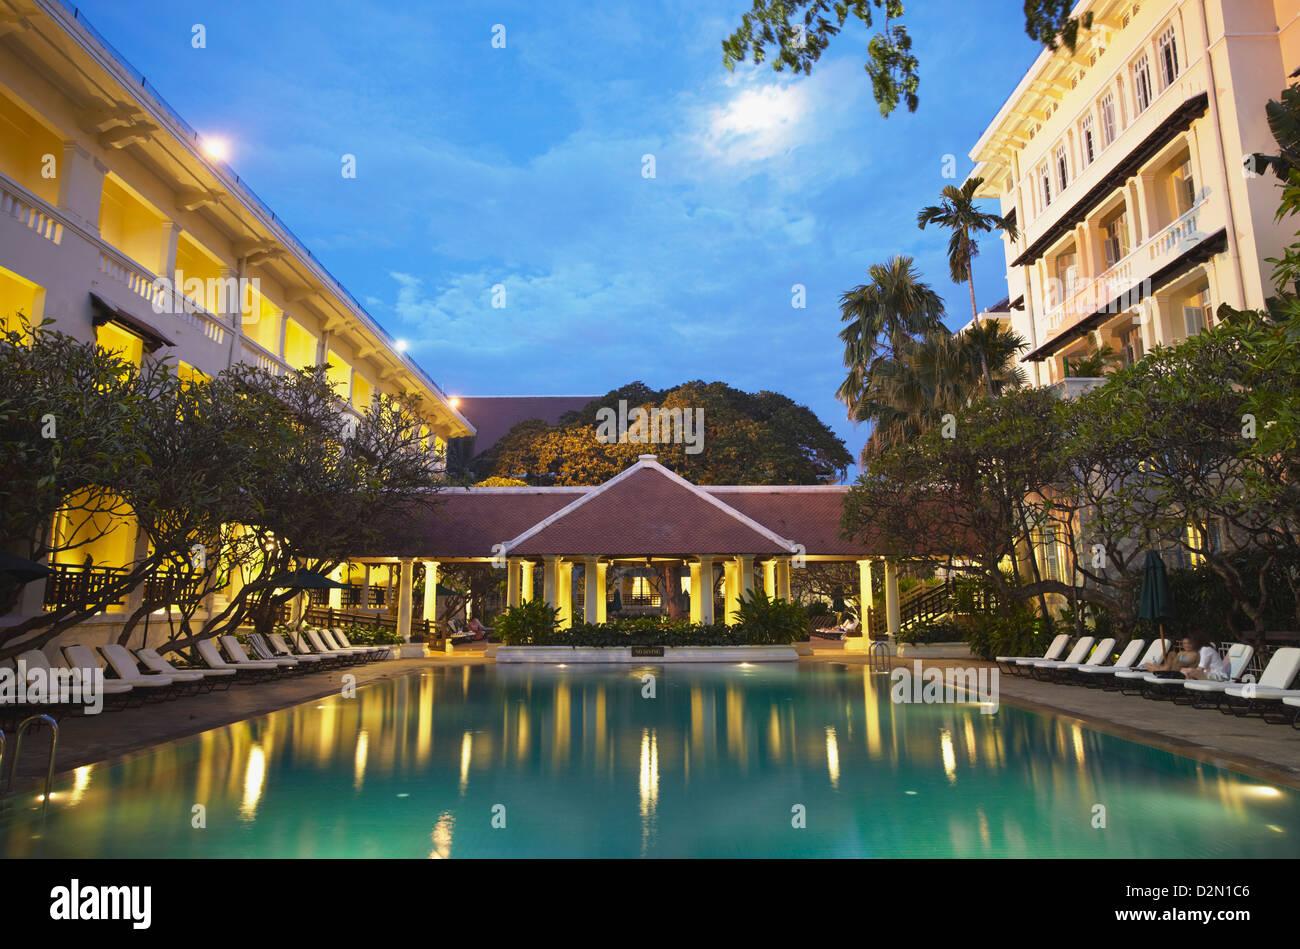 Pool area of Raffles Hotel Le Royal, Phnom Penh, Cambodia, Indochina, Southeast Asia, Asia - Stock Image